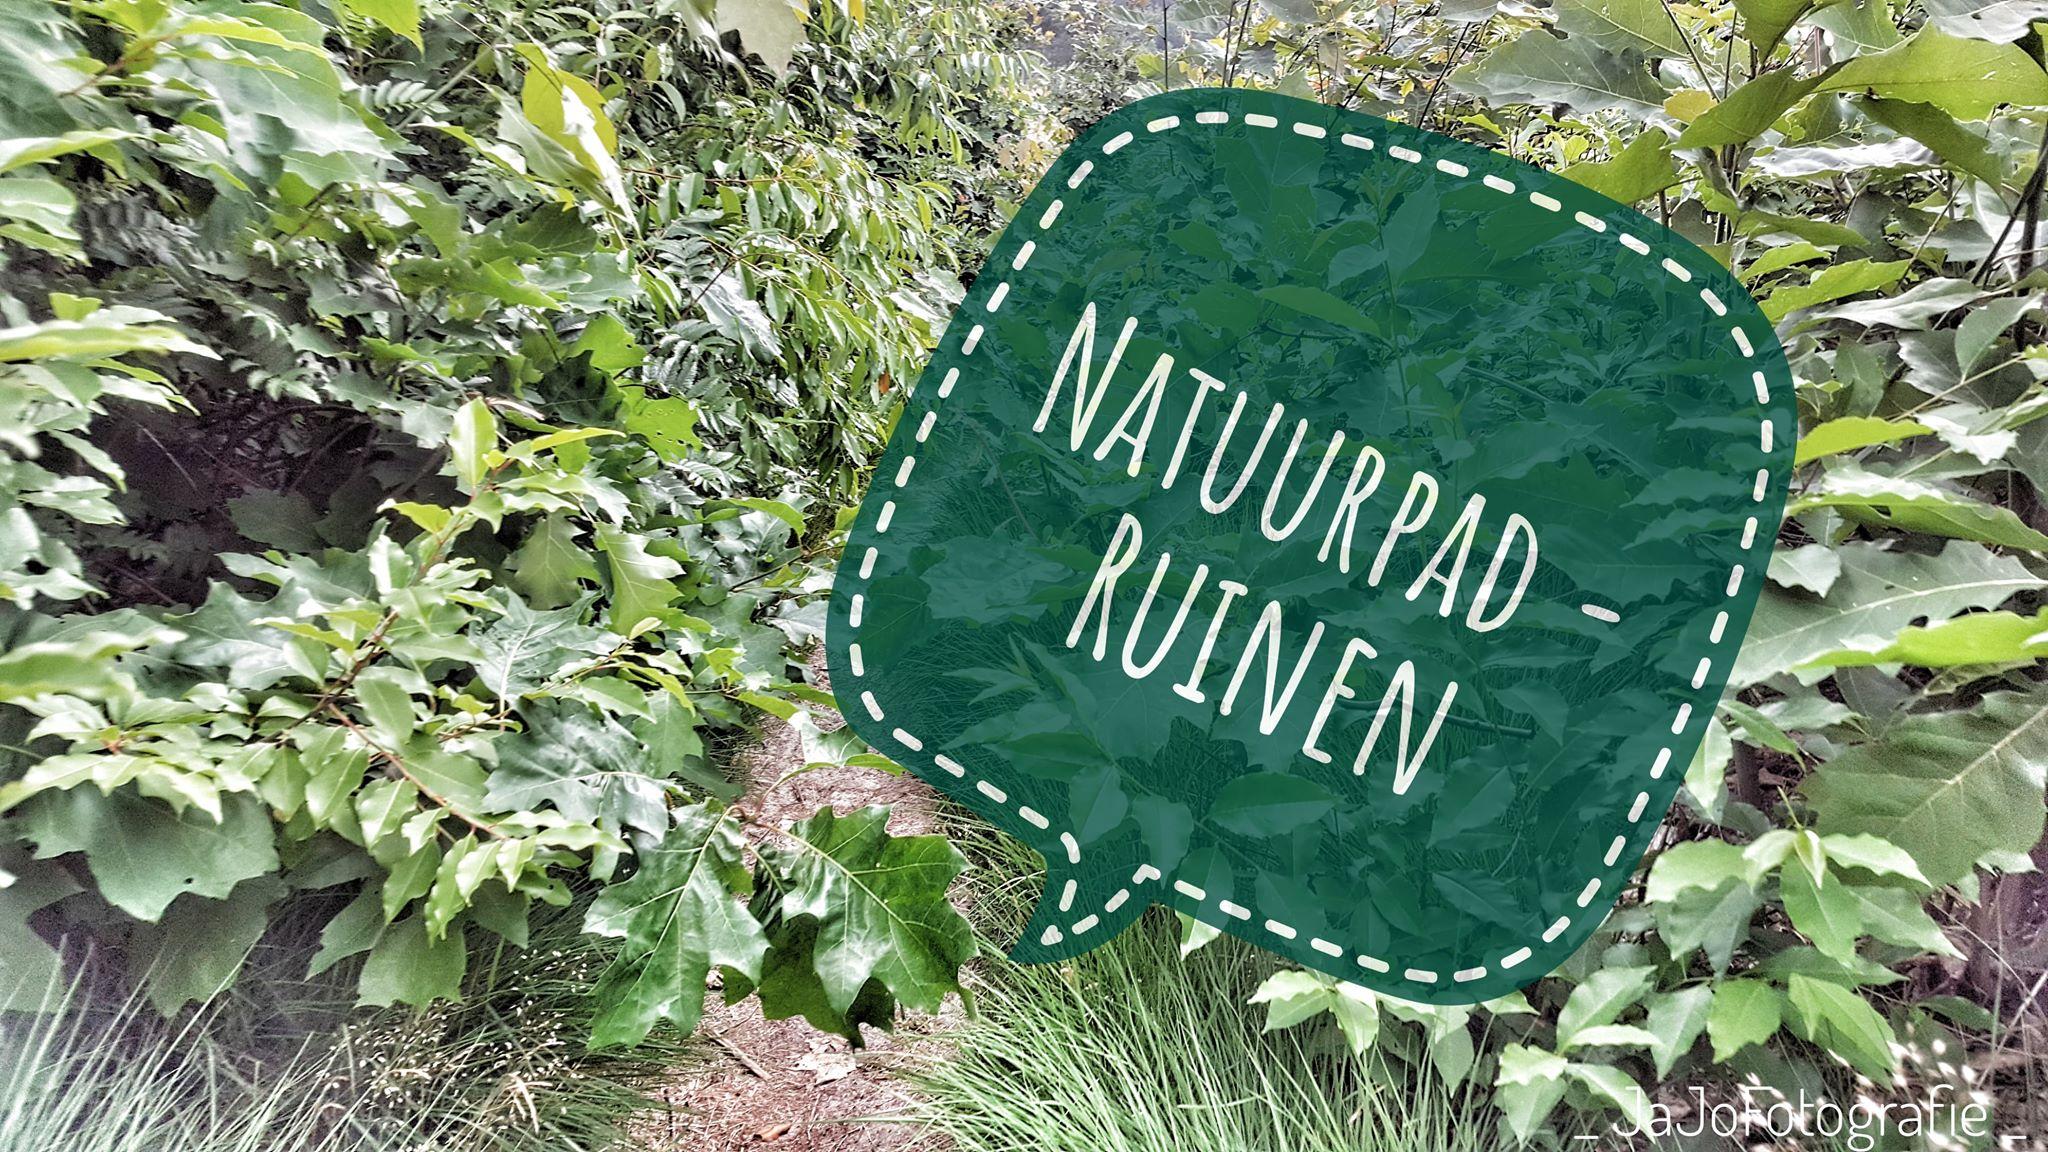 Natuurpad Ruinen